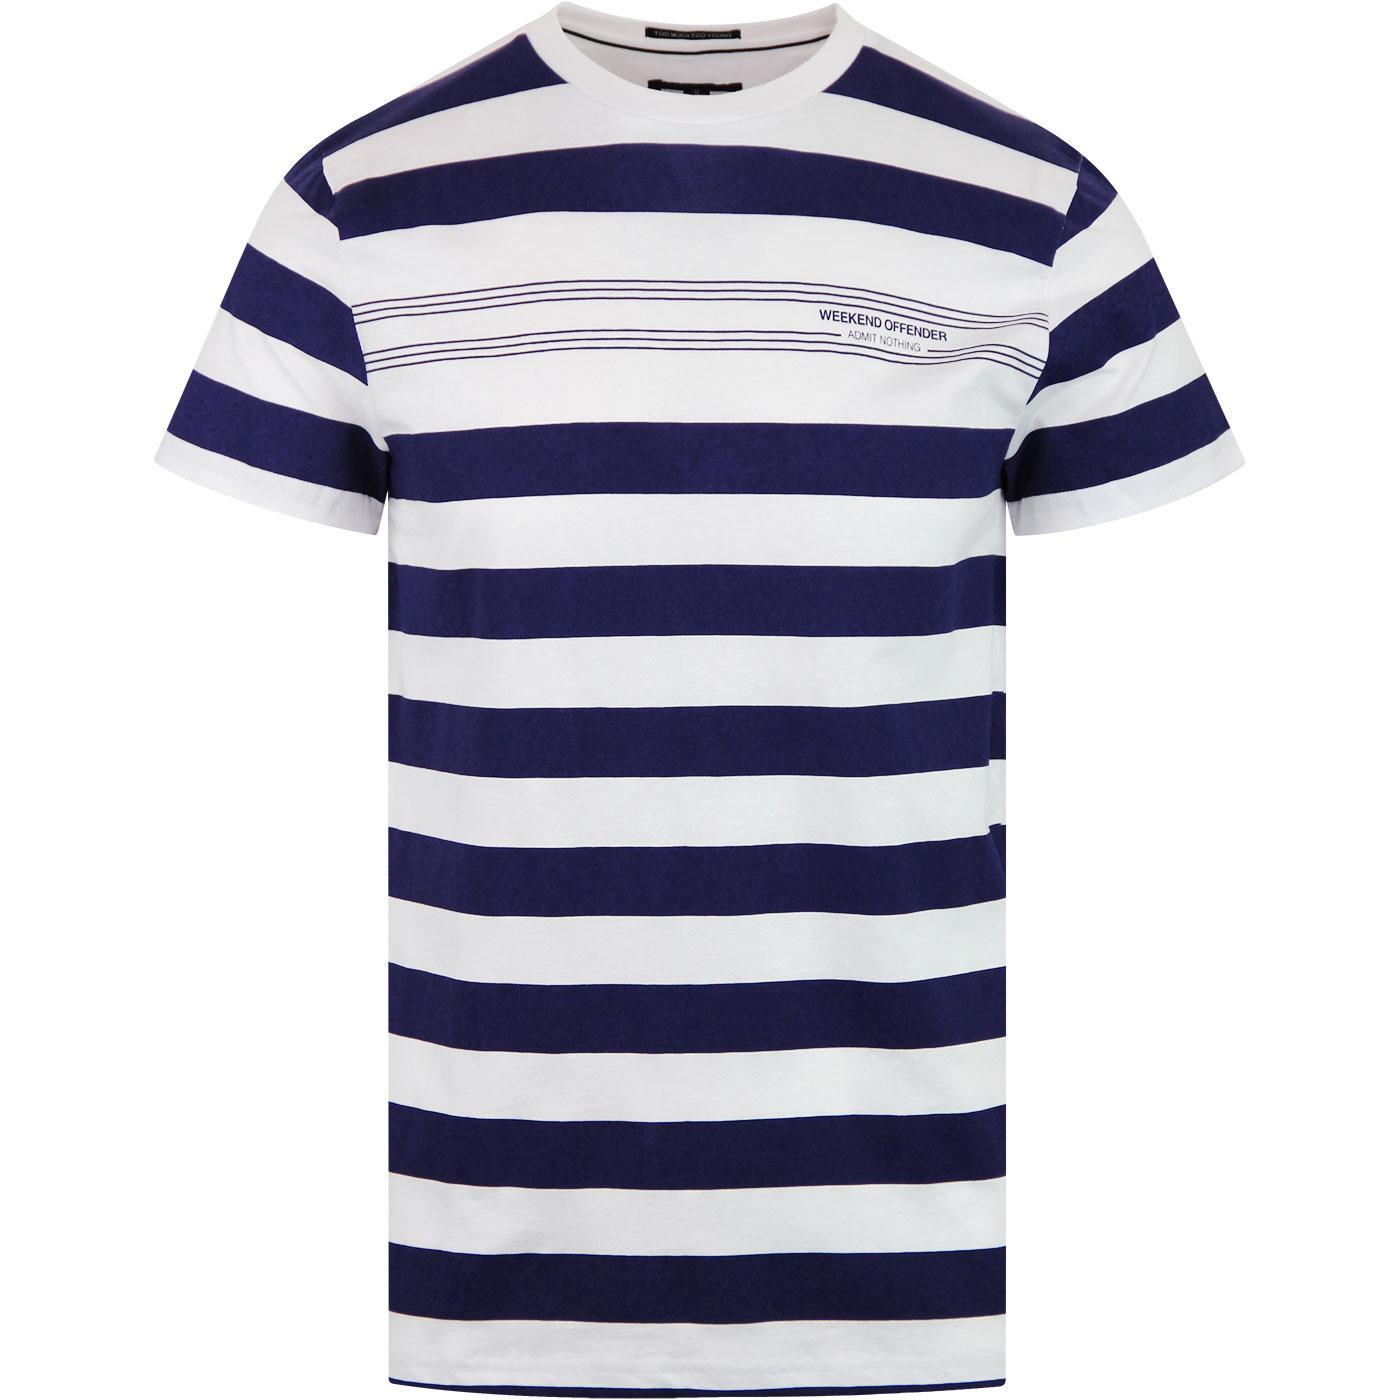 Stripes WEEKEND OFFENDER Retro Stripe Tee WHITE